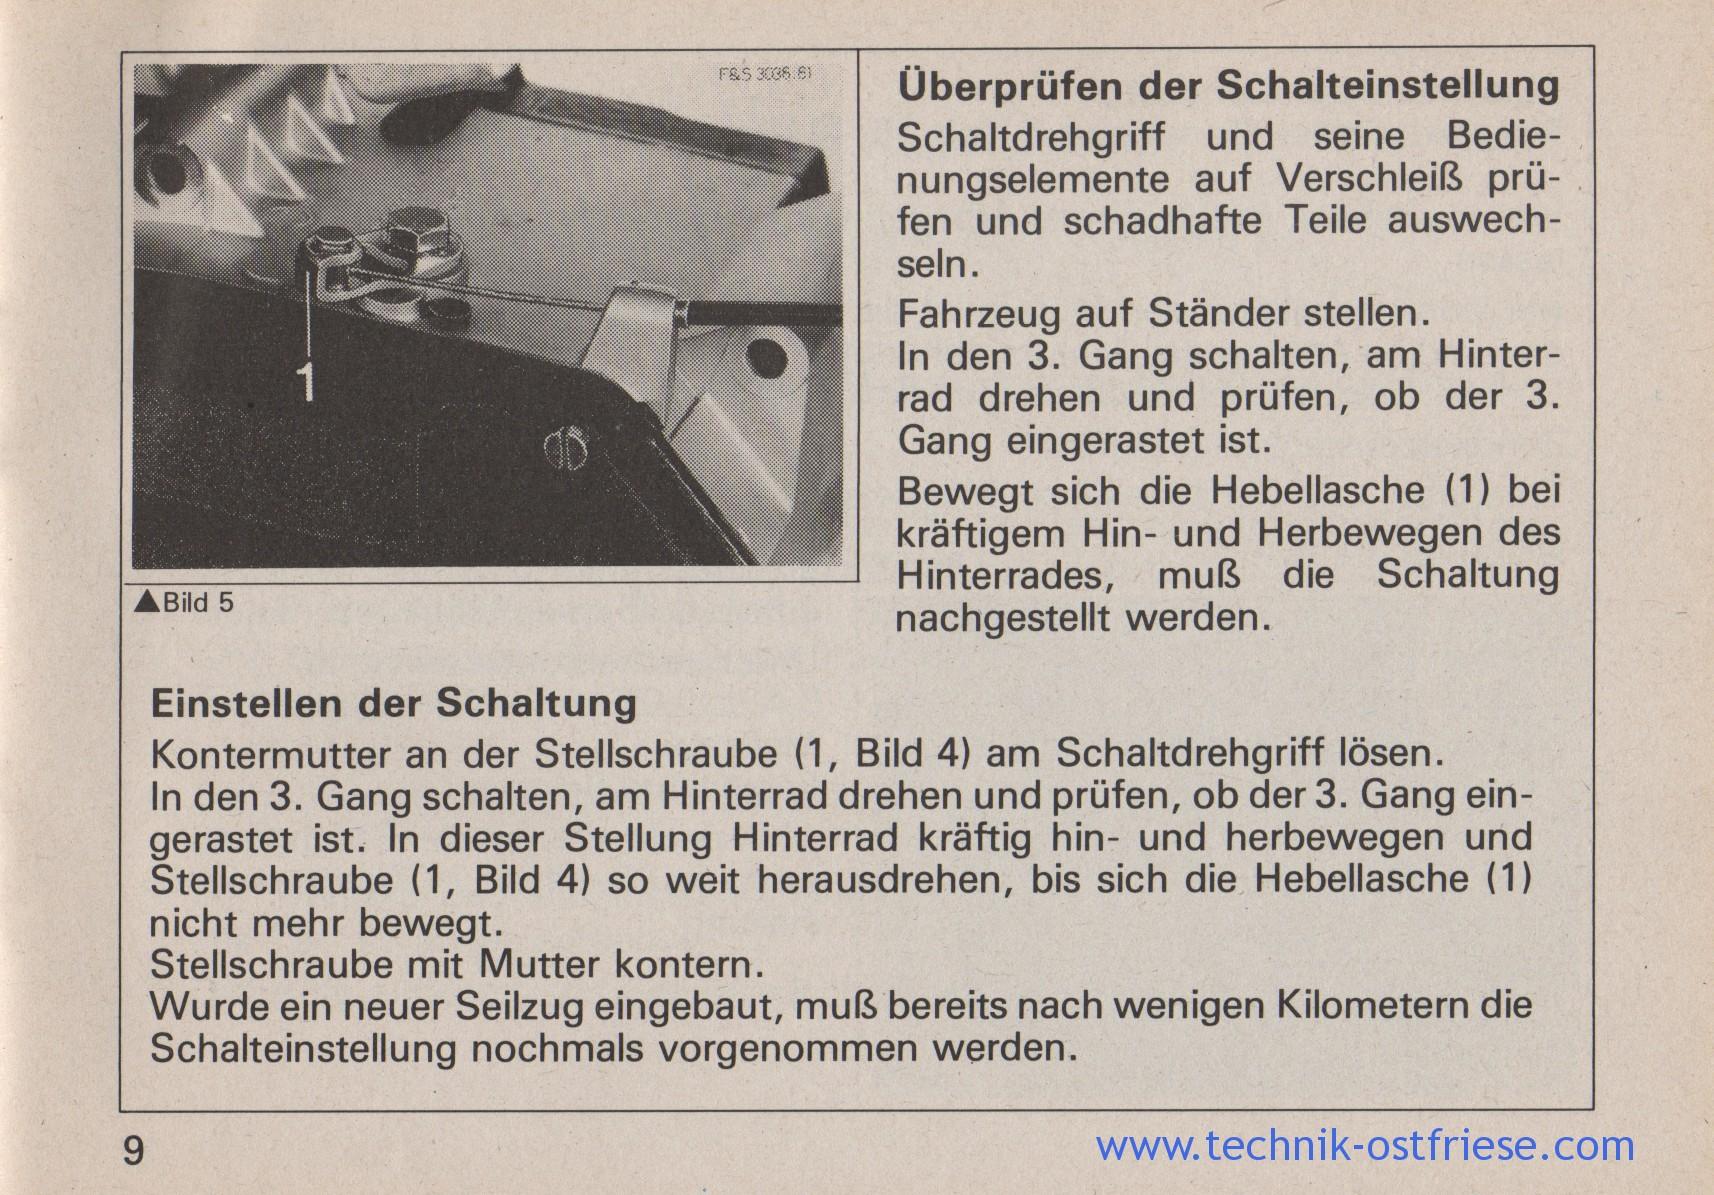 SACHS 506/3 BY   Schalteinstellung, Schaltung einstellen, prüfen